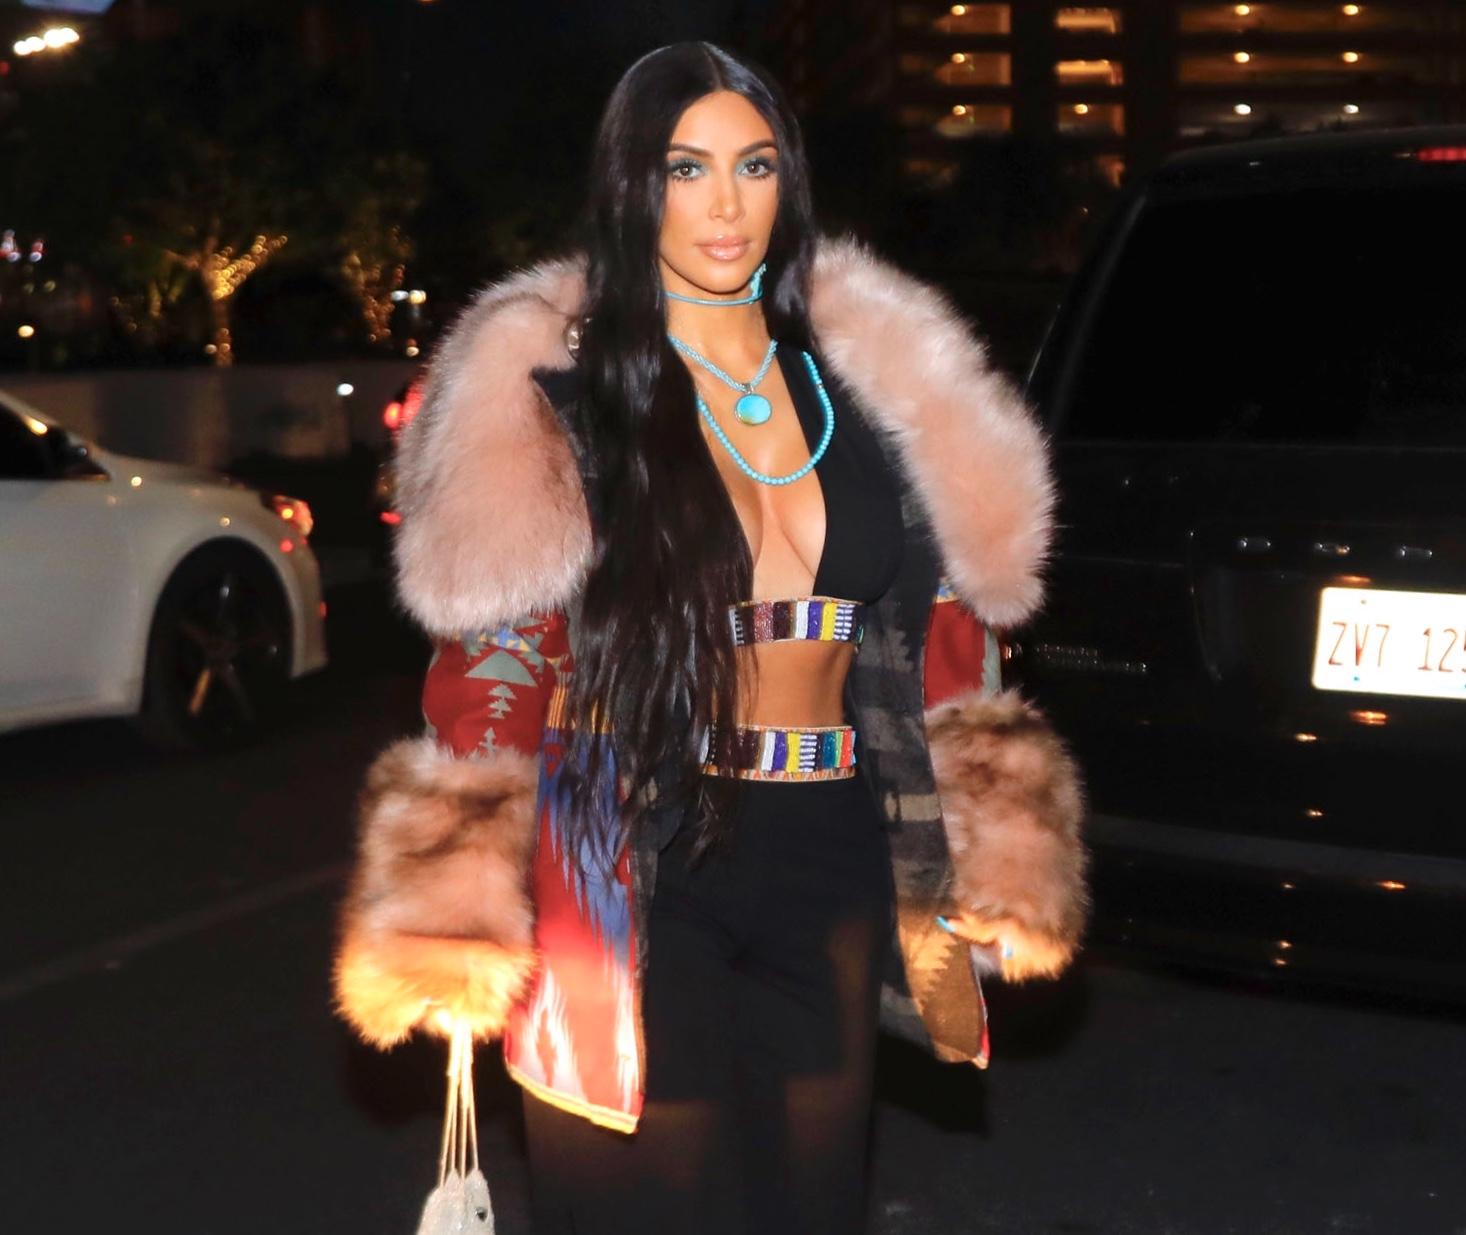 Ким Кардашьян скопировала легендарный образ эстрадной певицы Шер